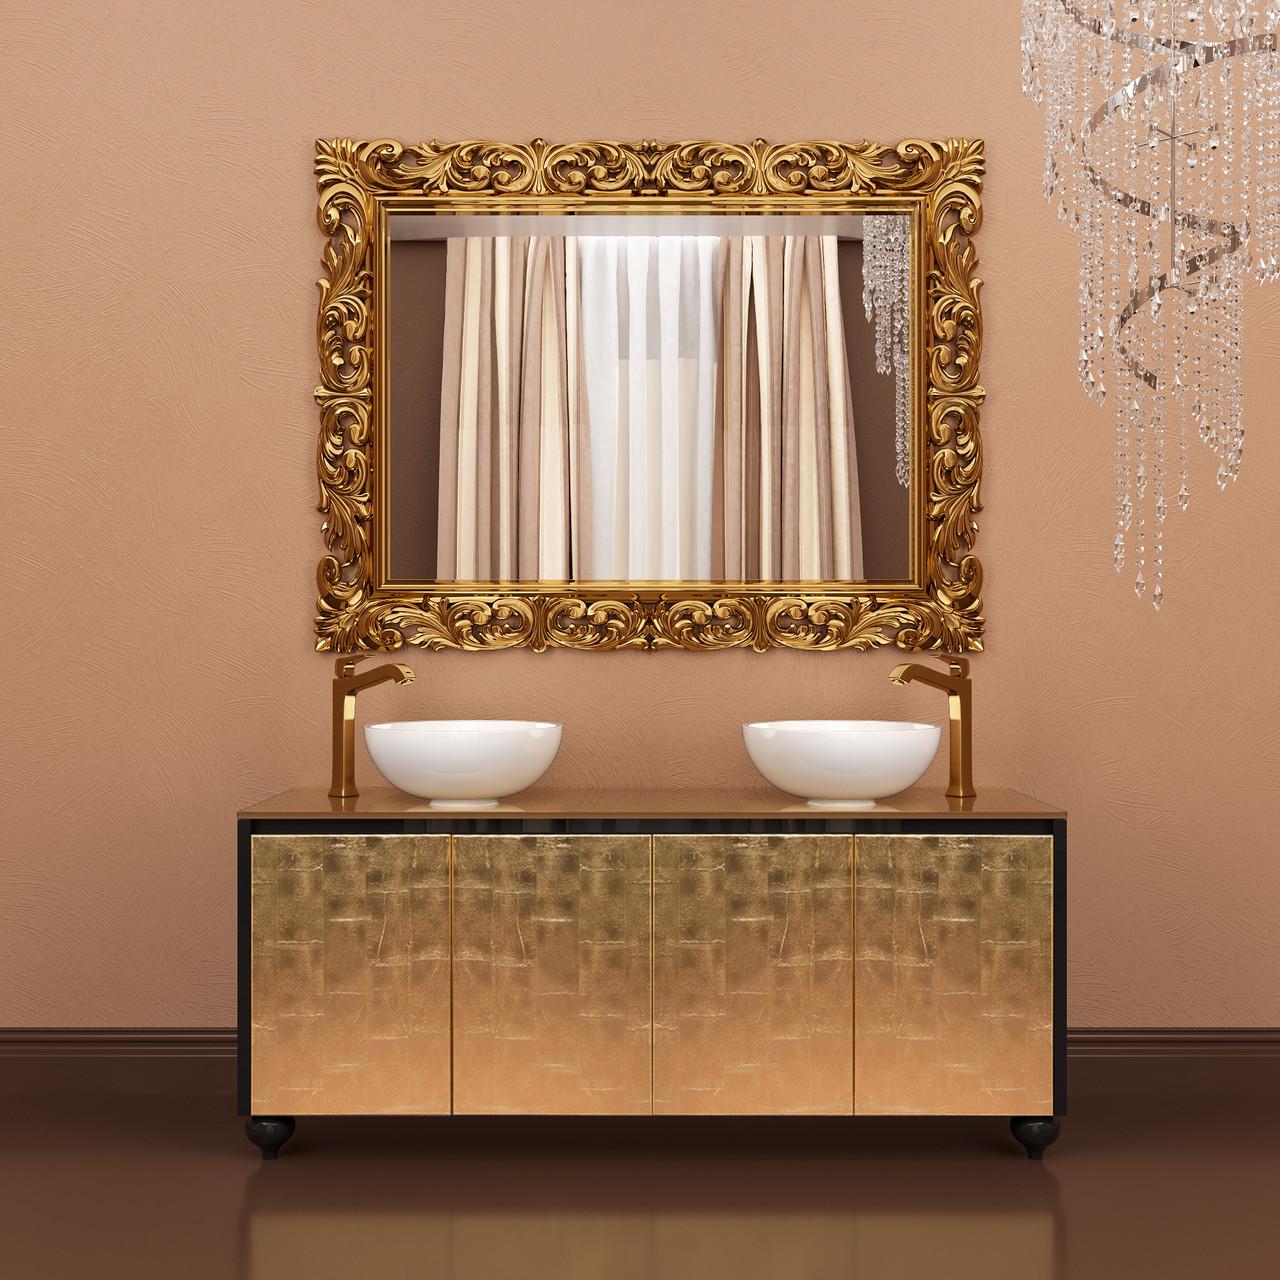 Тумба напольная для ванной комнаты Marsan Penelope 1600 в цвете фасад античное золото/серебро